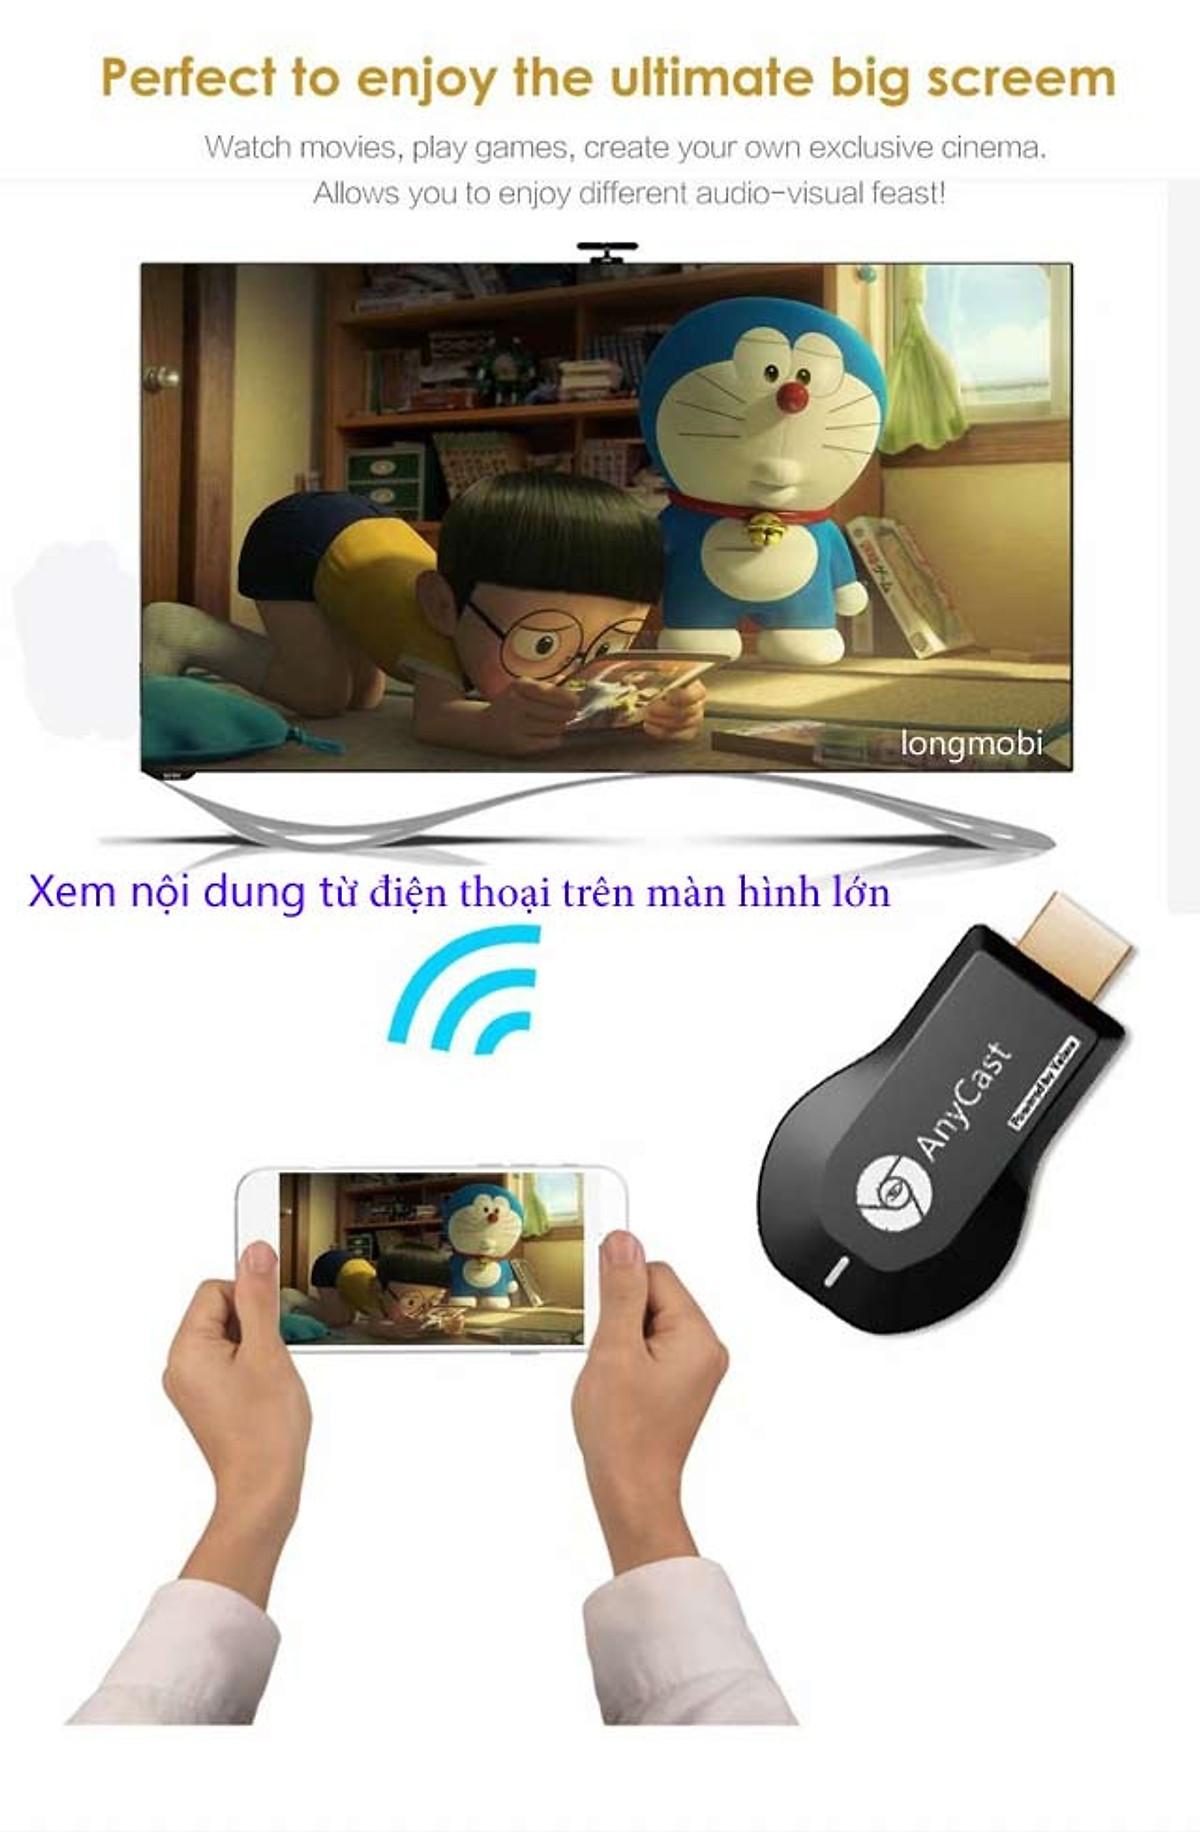 Bộ chuyển đổi không dây từ điện thoại lên tivi Anycast M9 Plus - Hàng Nhập Khẩu